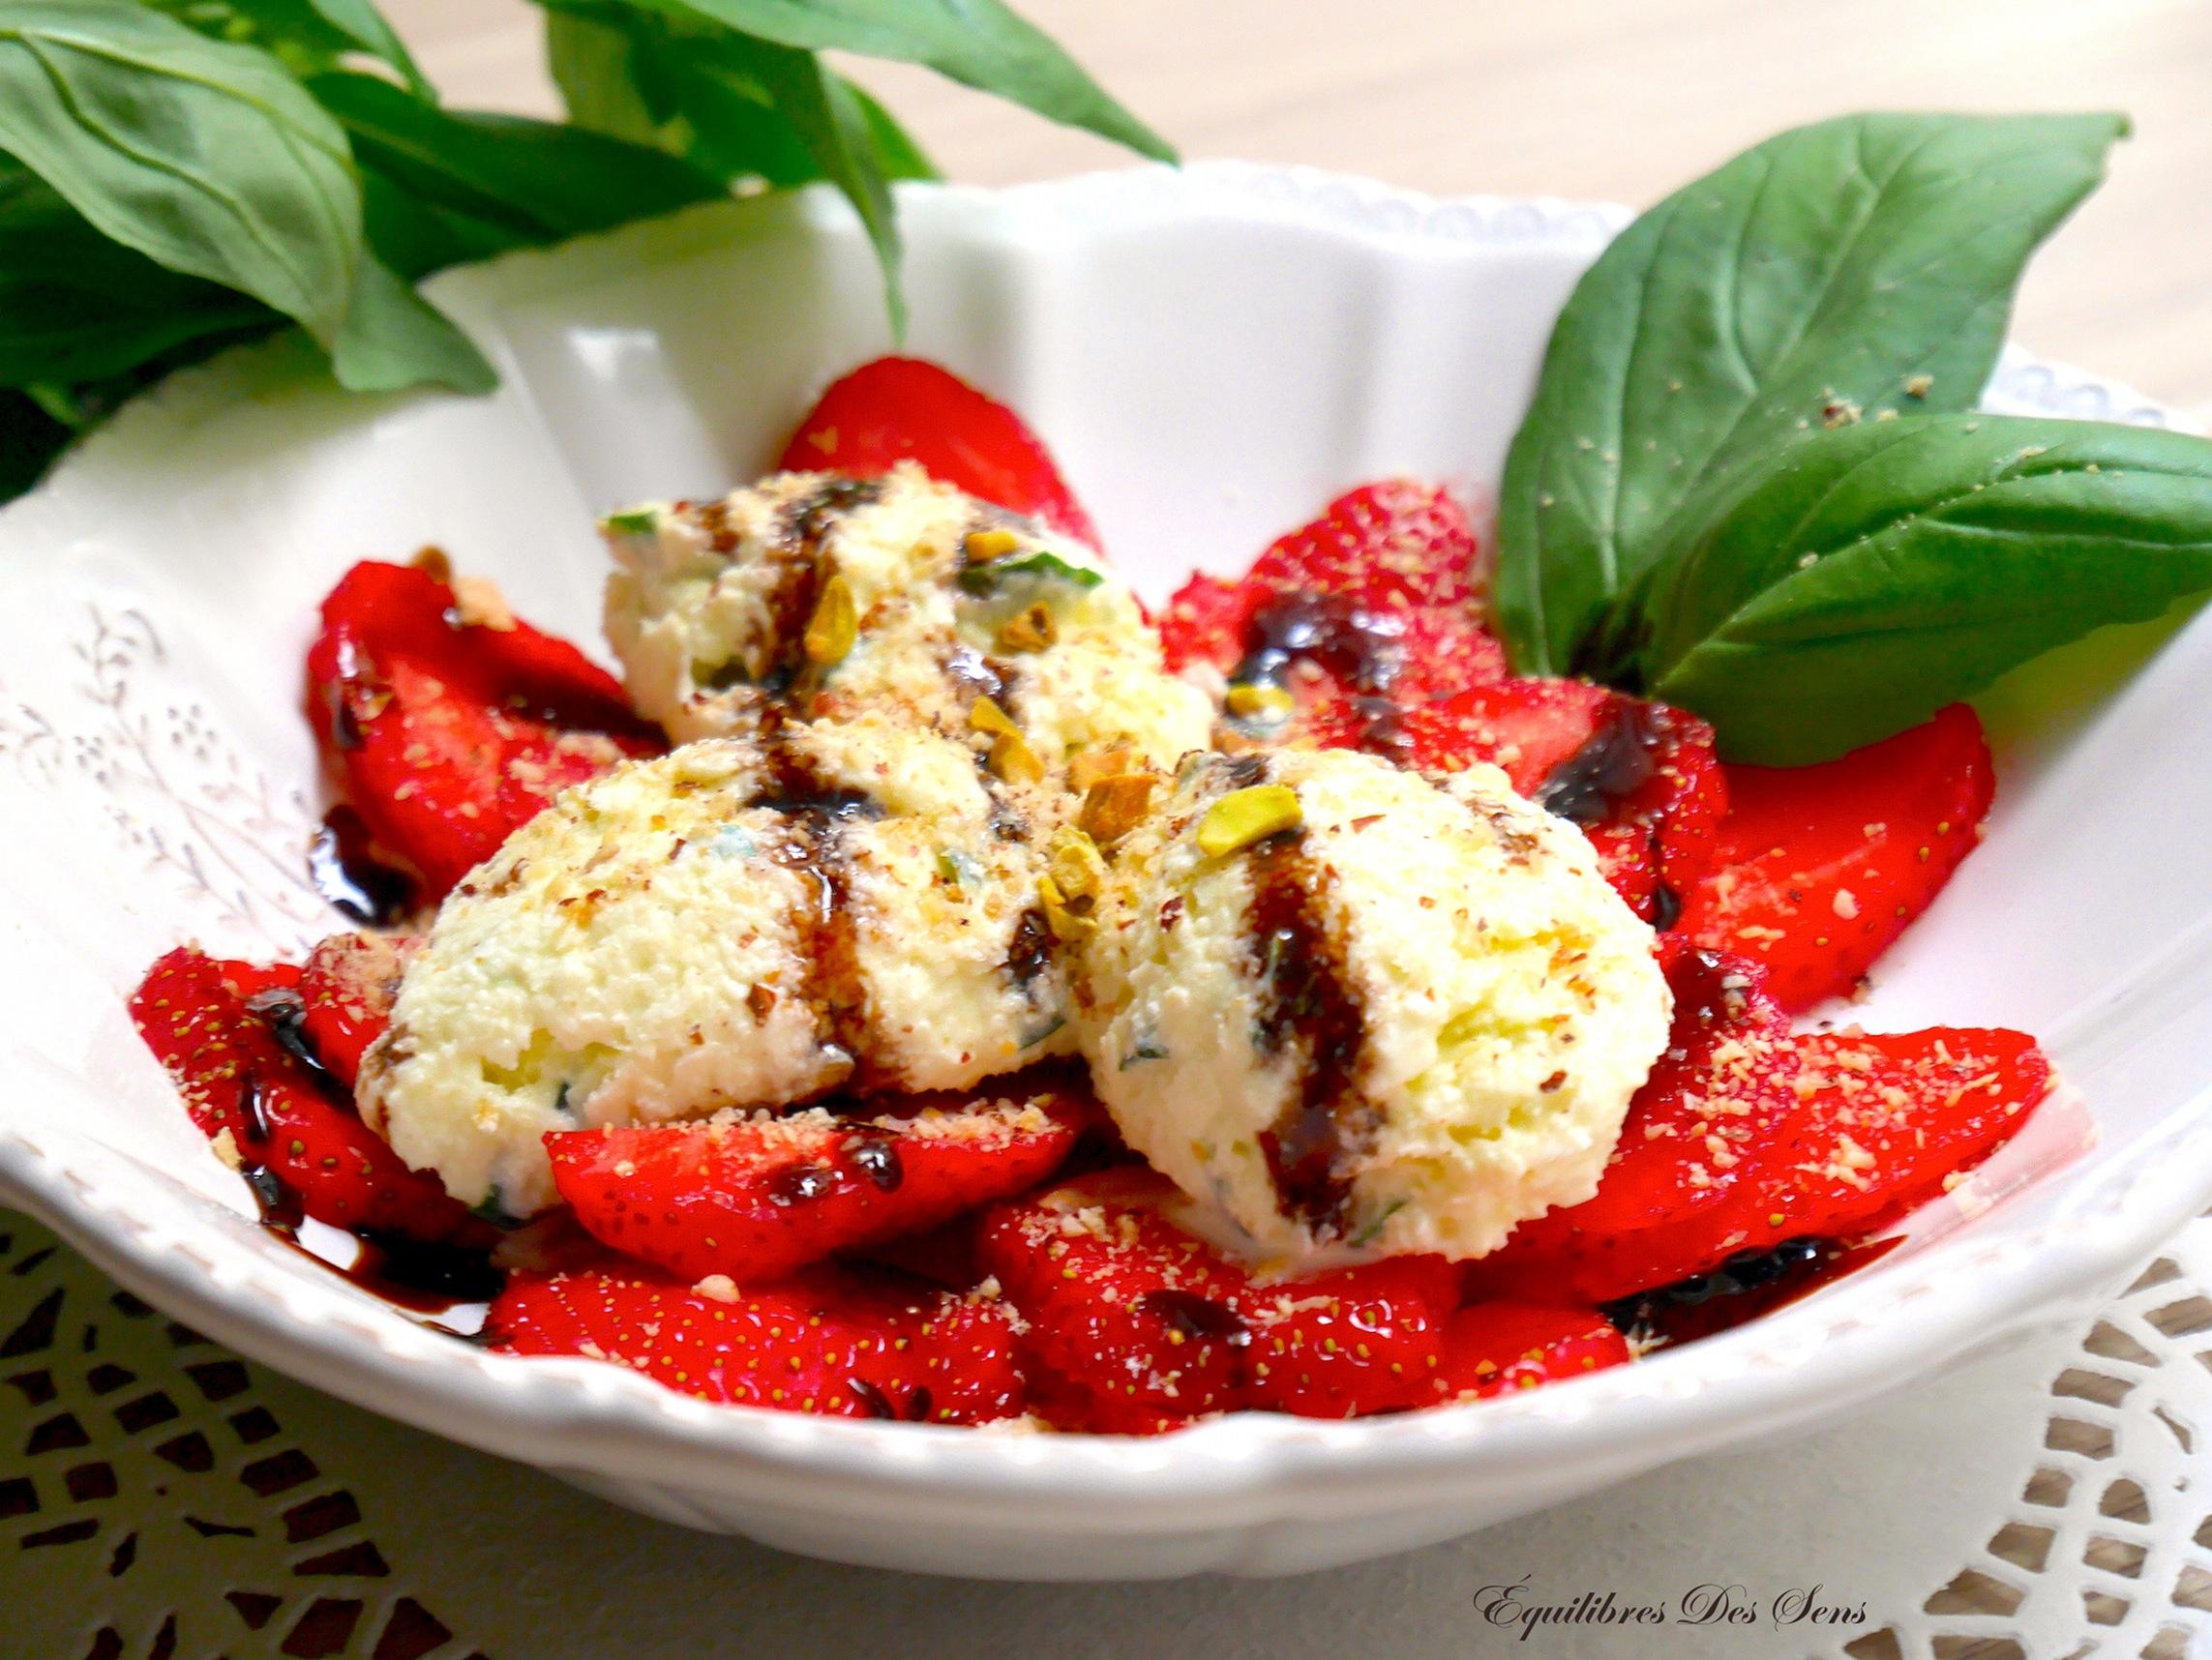 Les fraises, le basilic et le balsamique s'allient merveilleusement dans ce carpaccio savoureux !